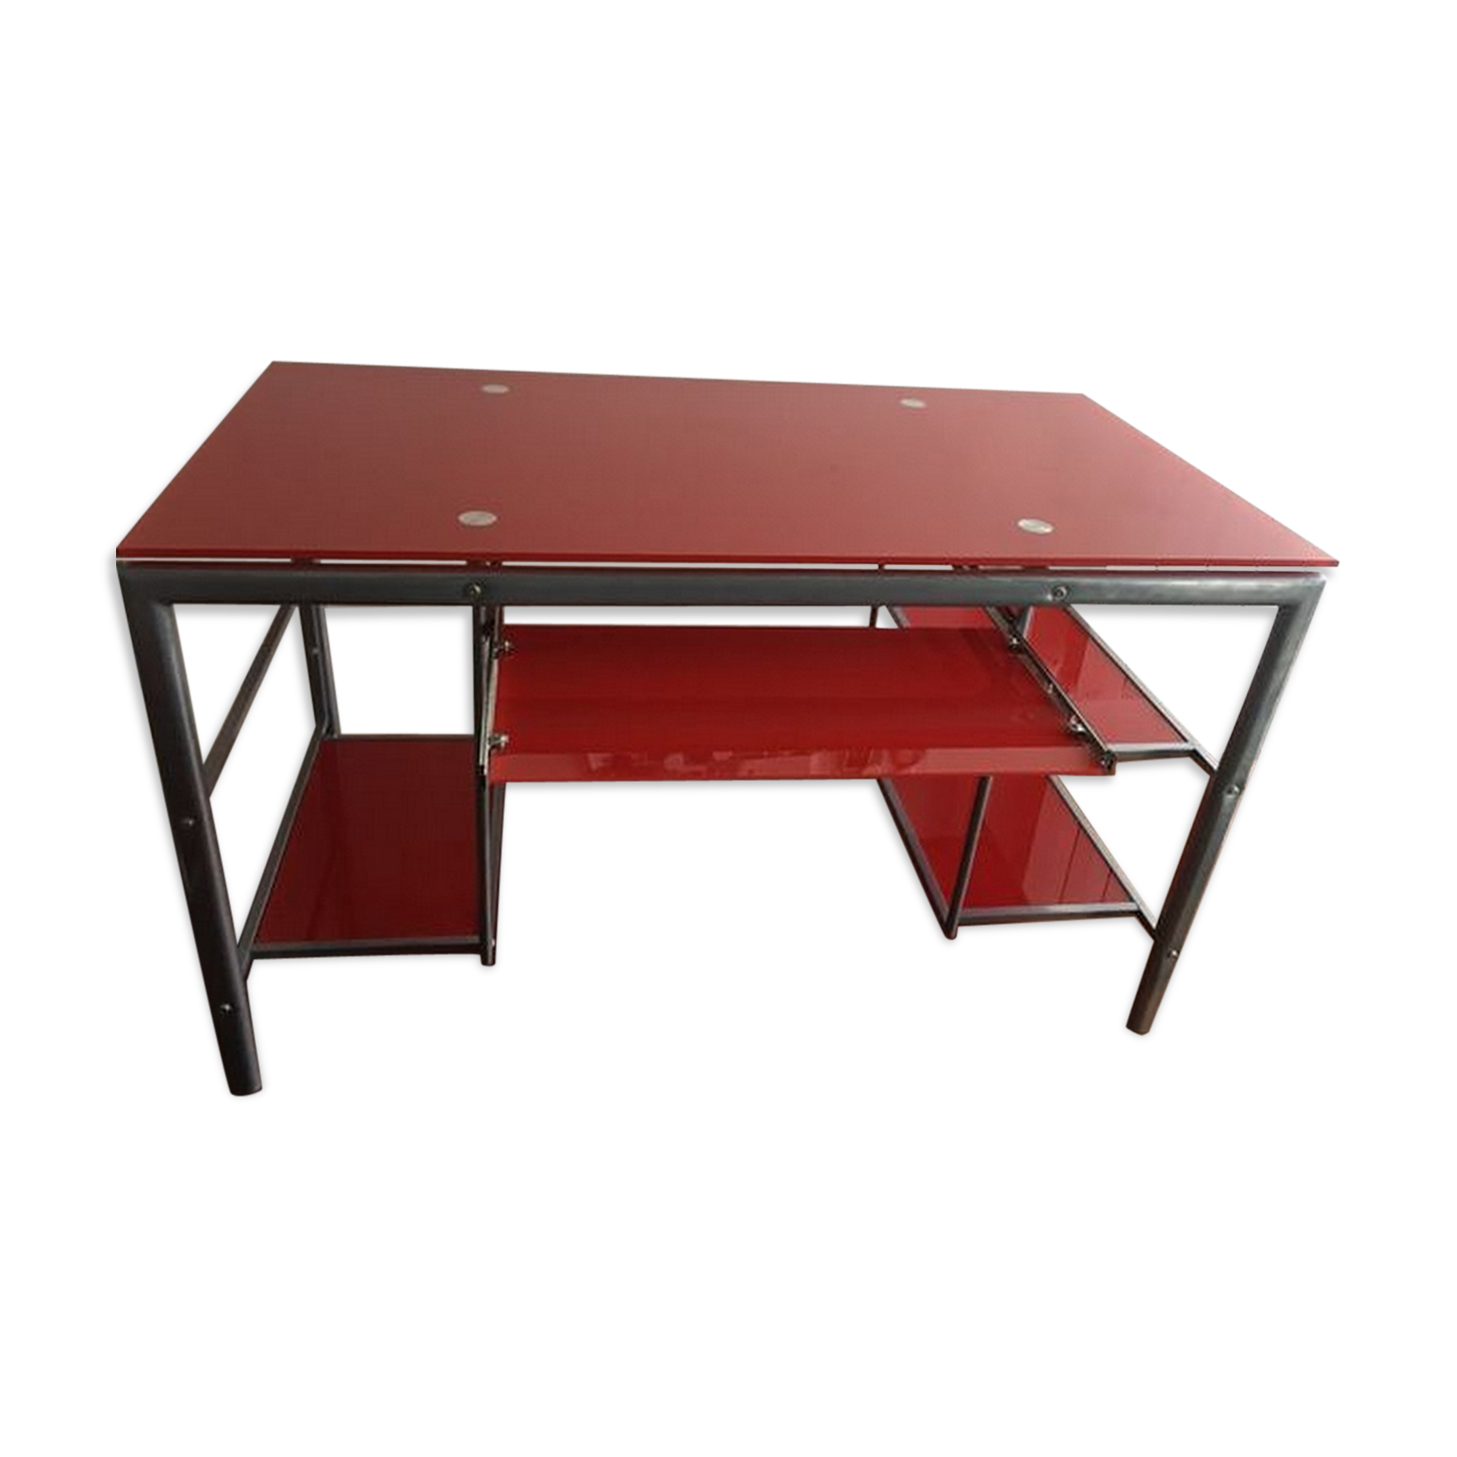 Bureau En Verre Rouge : Bureau en verre et aluminium verre et cristal rouge